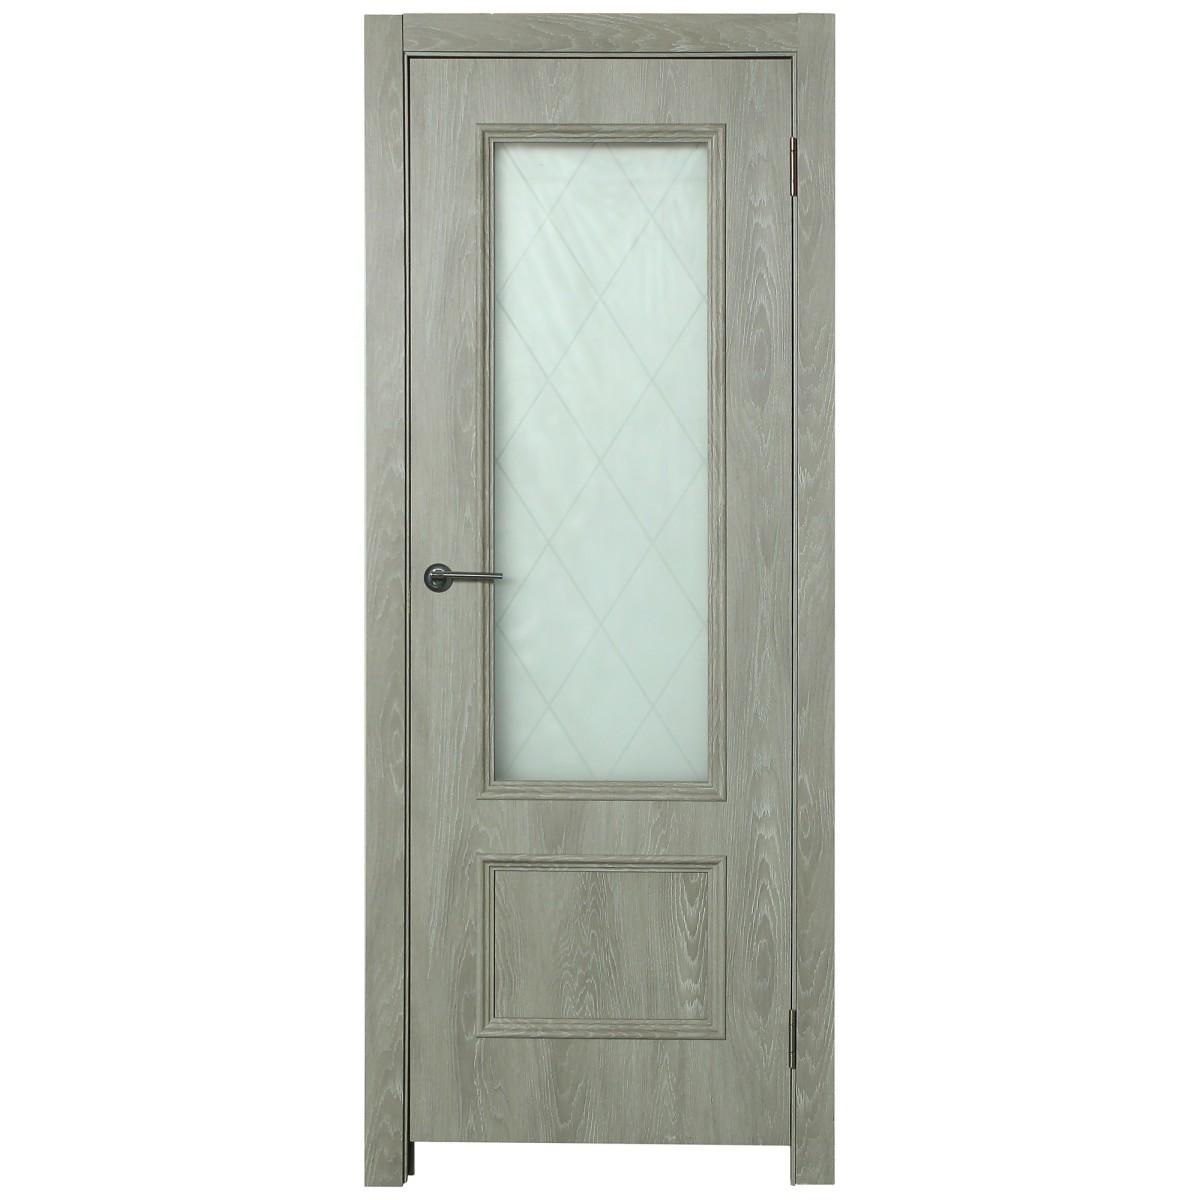 Дверь межкомнатная остеклённая Престиж 80x200 см цвет дуб